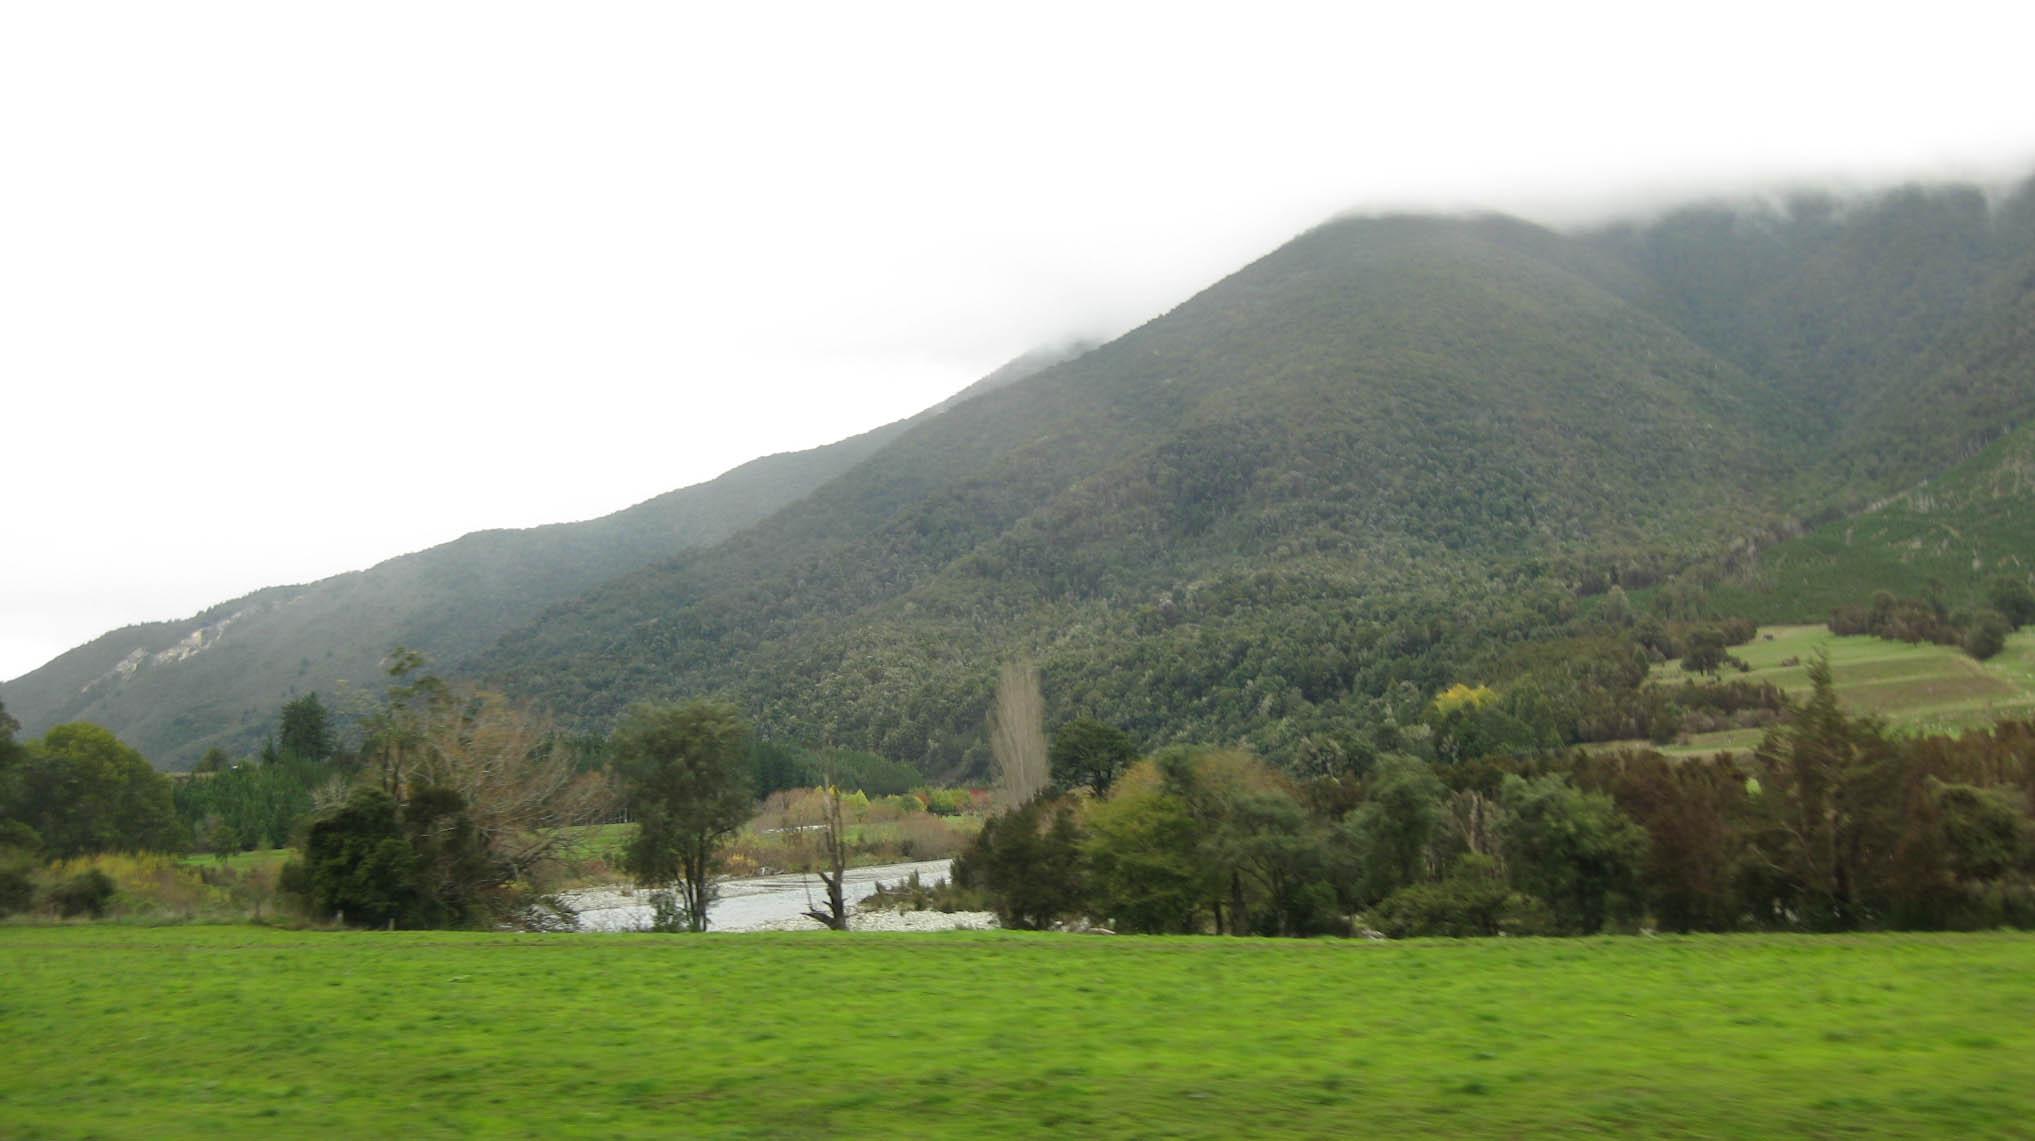 Nouvelle Zélande - Nelson & buller gorge swingbridge - les lubies de Louise (16 sur 42)